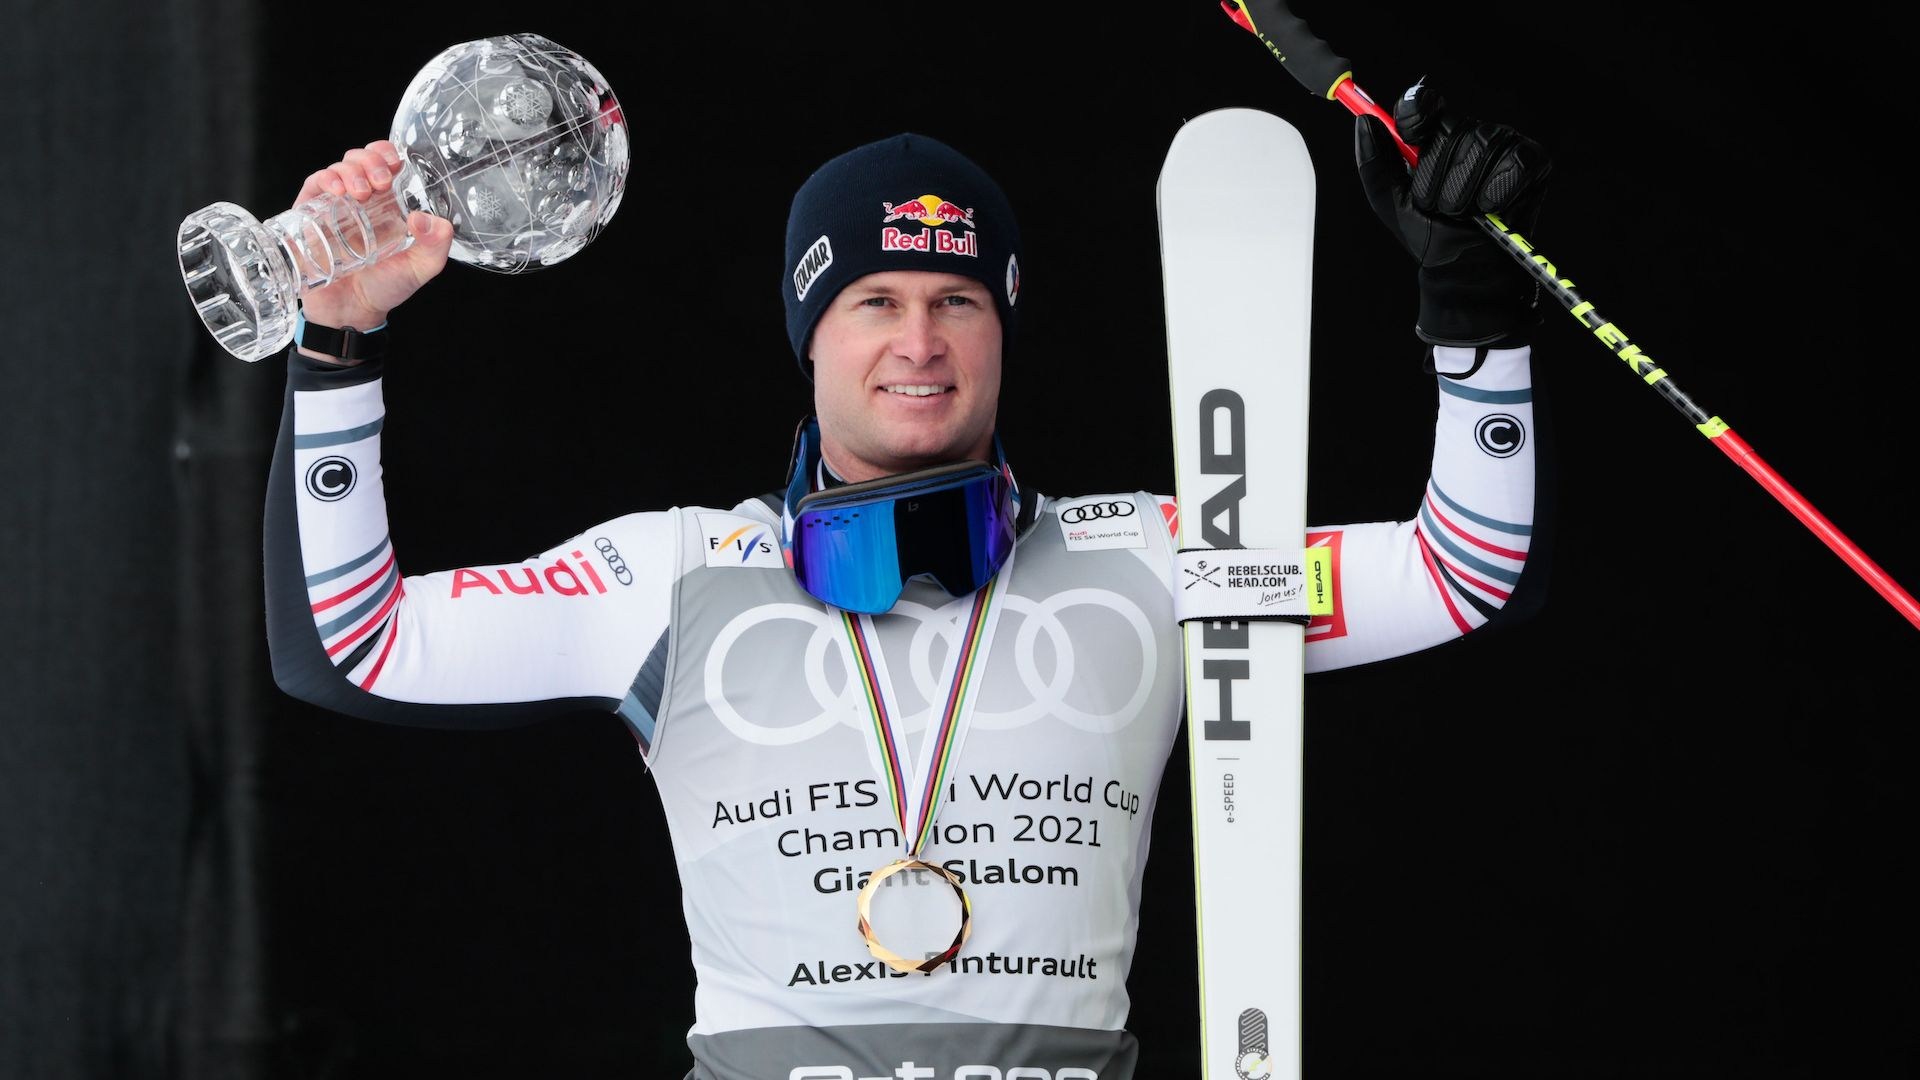 След почти четвърт век французин отново е №1 в алпийските ски